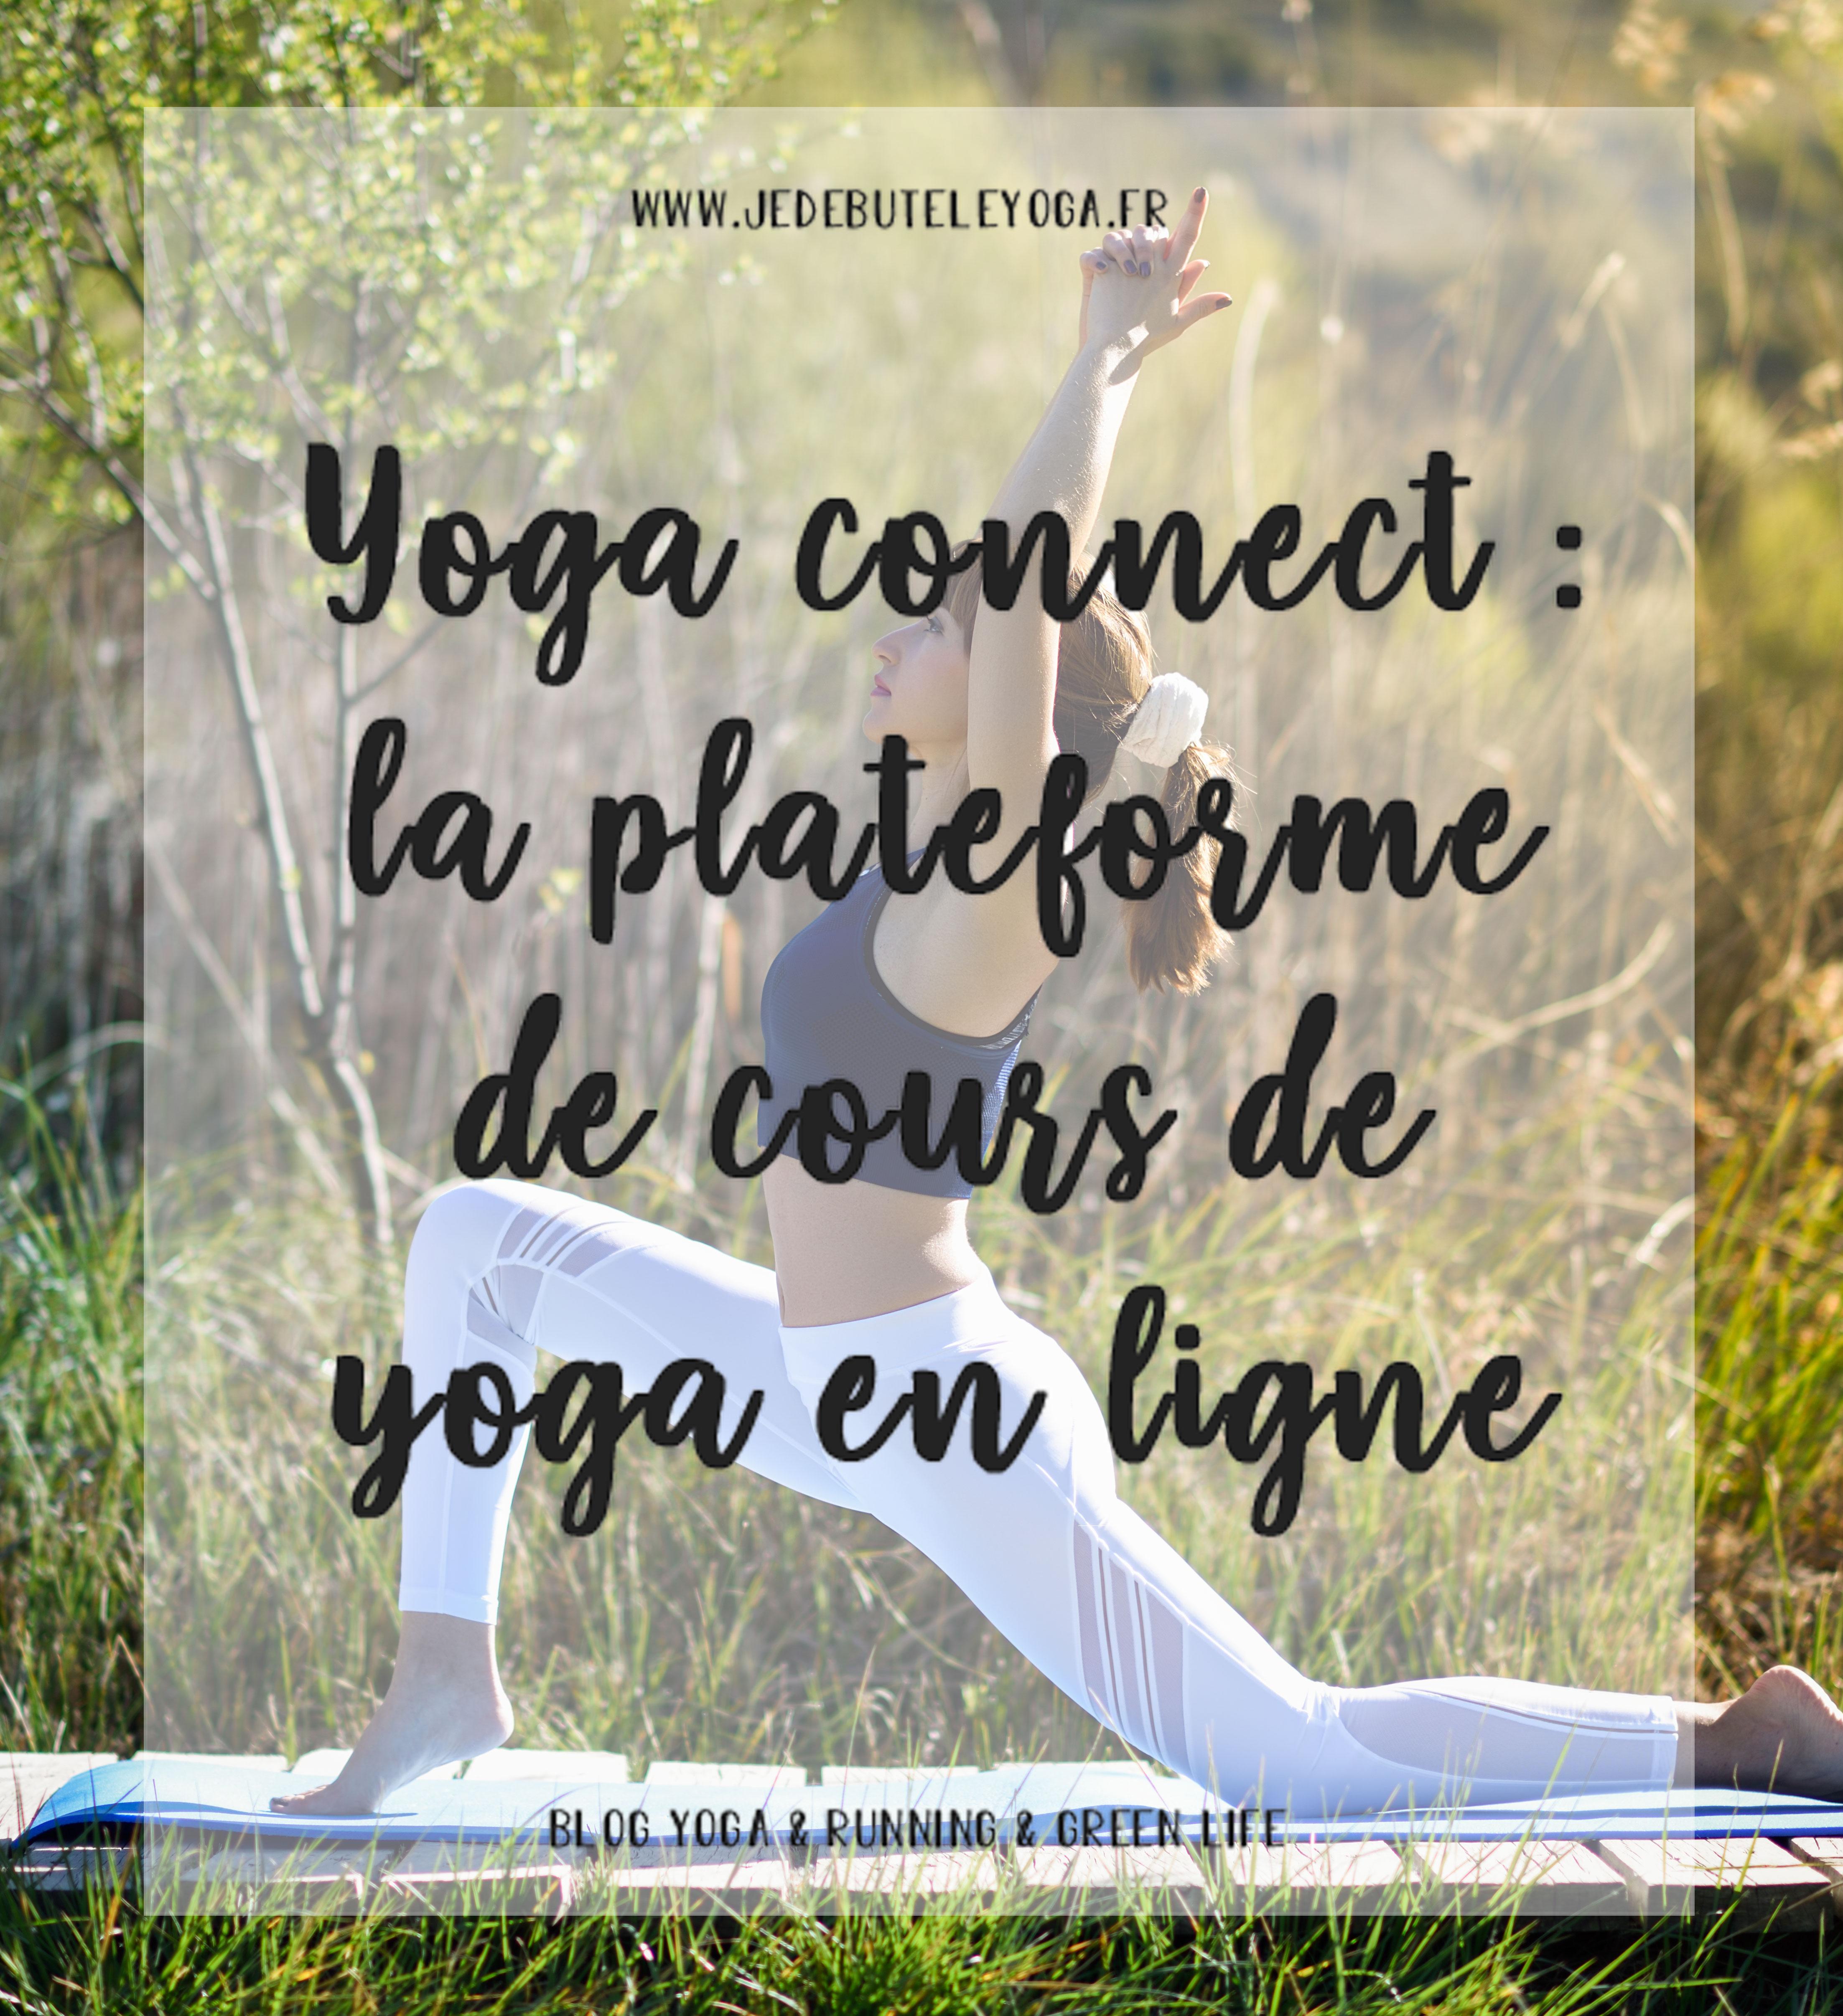 yoga connect la plateforme de cours de yoga en ligne